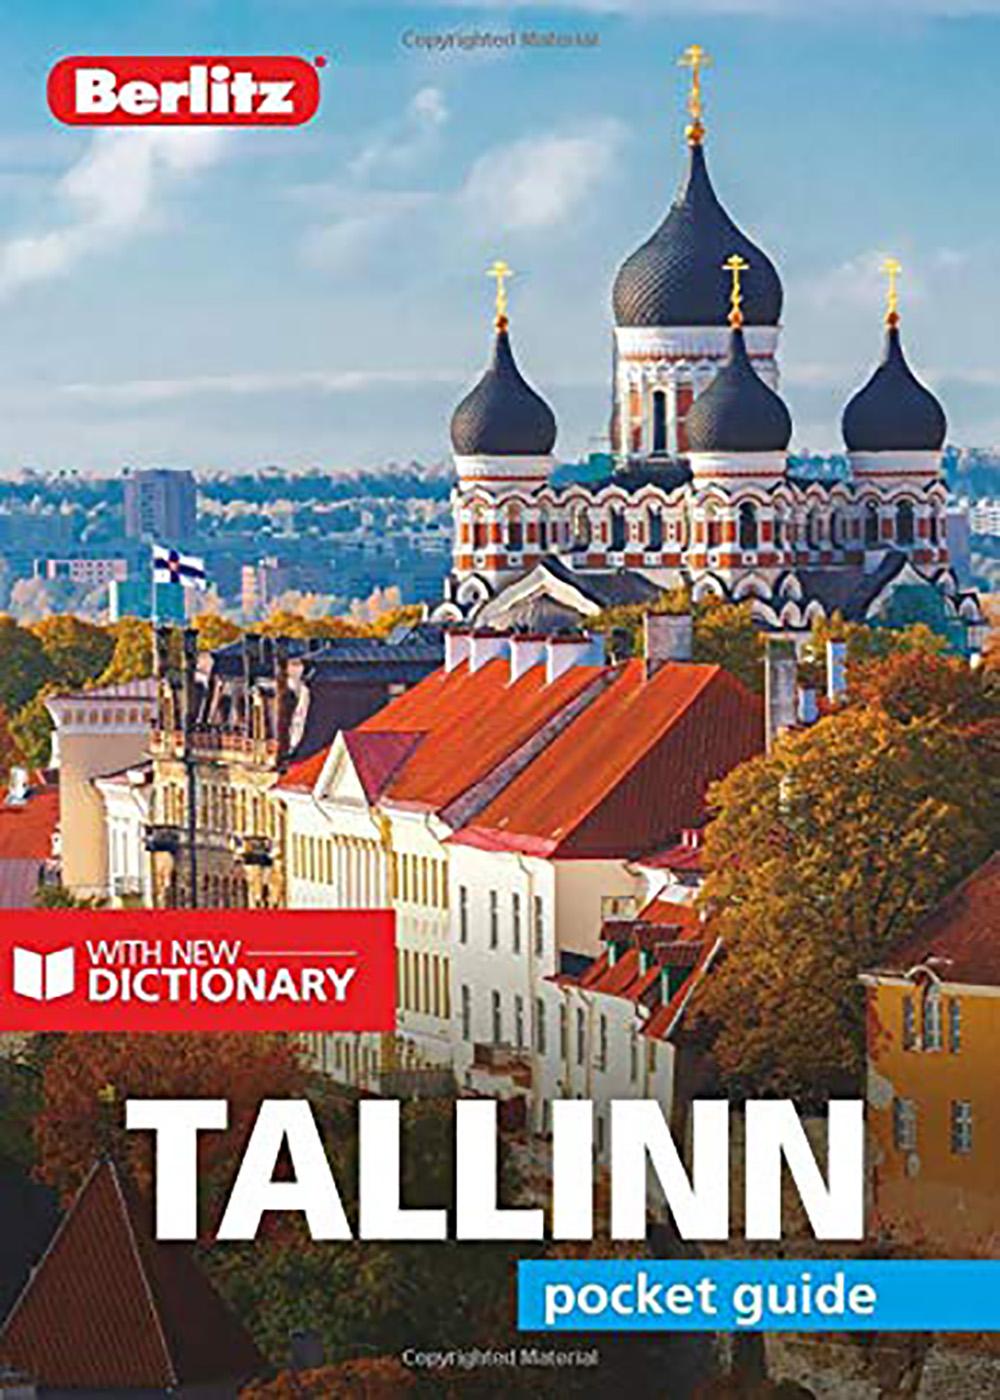 Steven Q. Roman - Tallinn